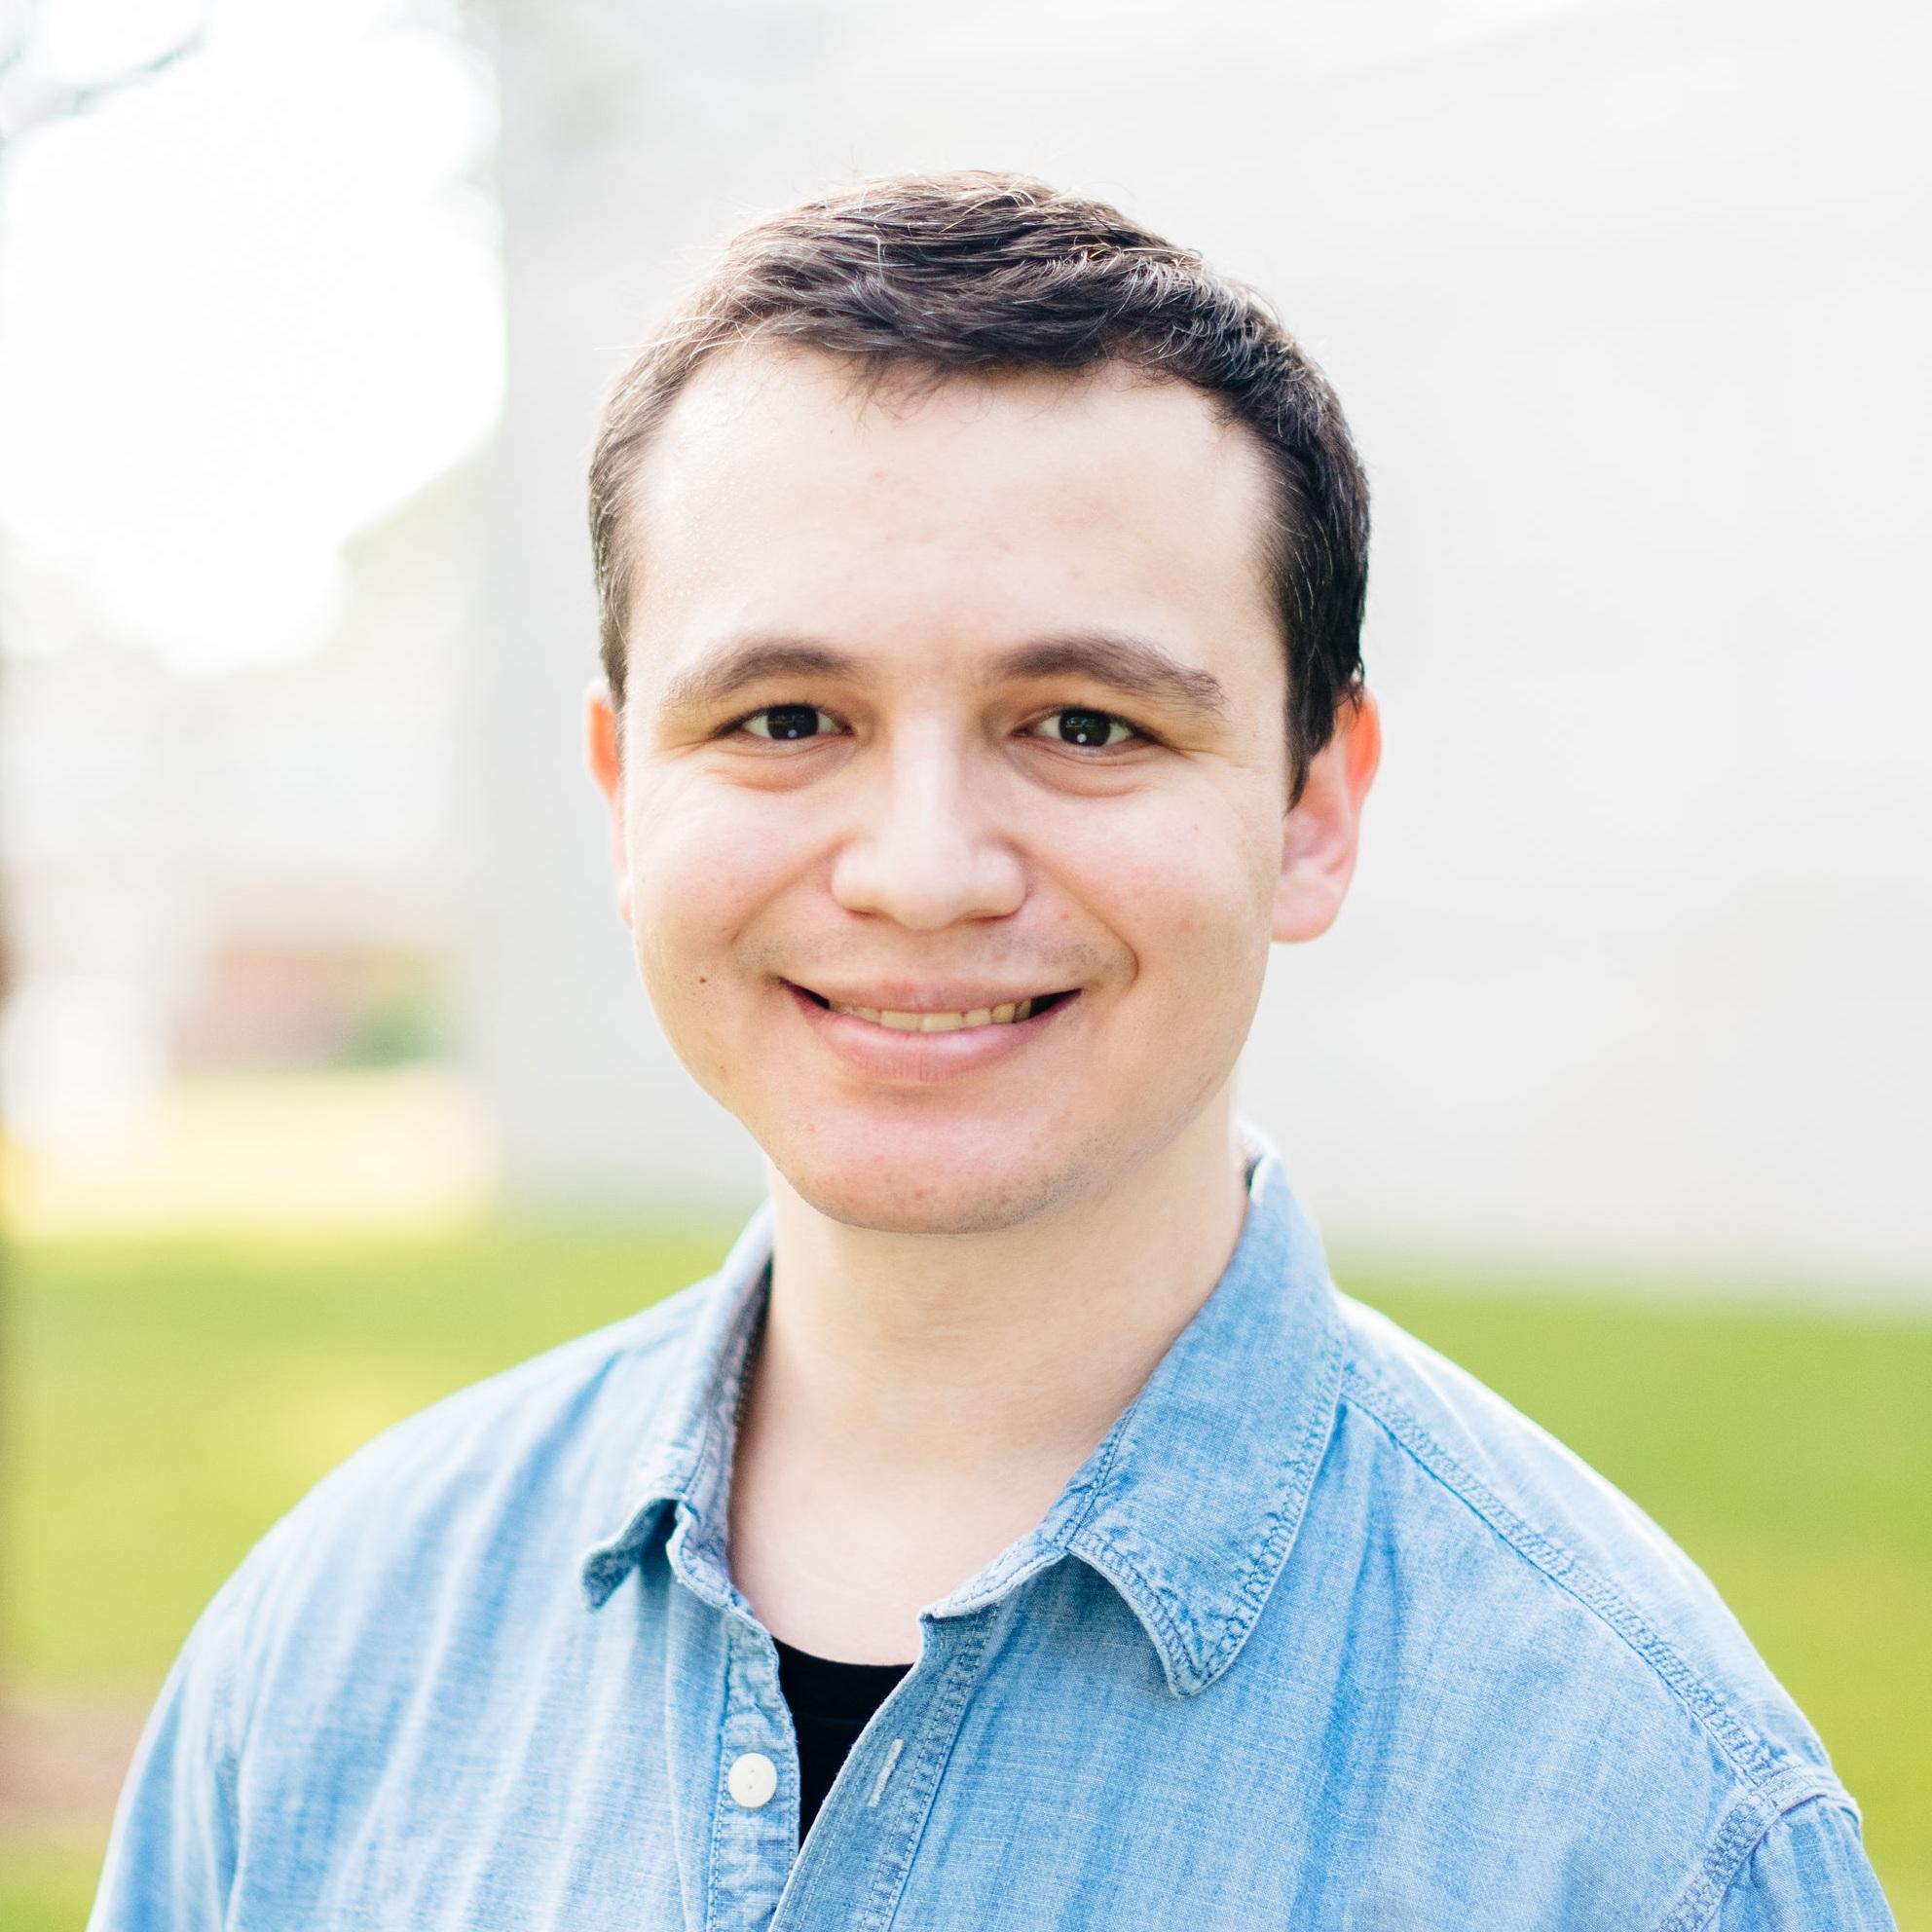 Staff   Intern   Nate Hausmann